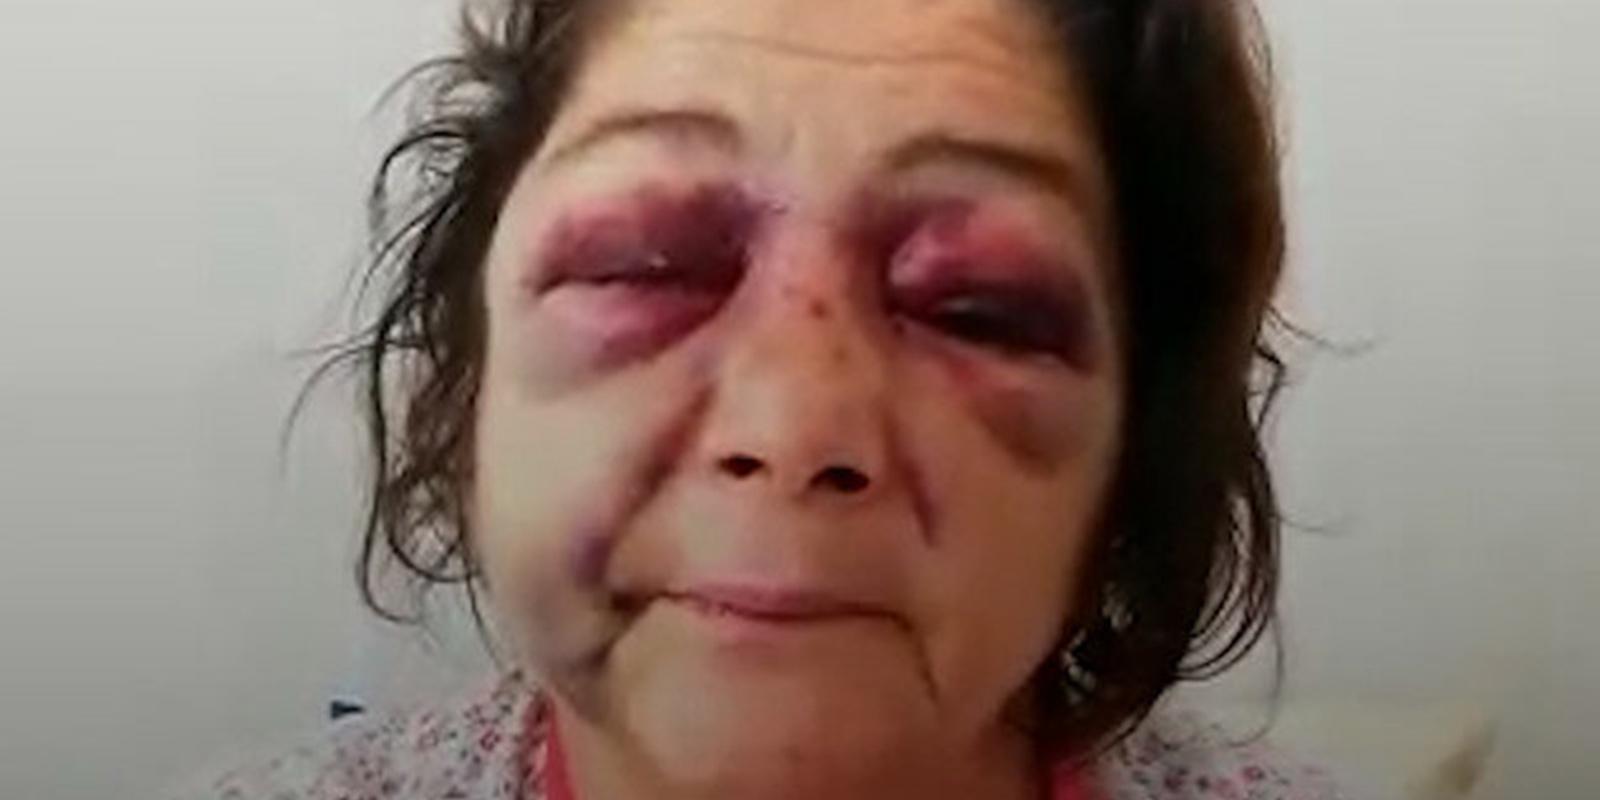 Dikkat çeken iddia! 'Park bakımsız' diyen kadın, CHP'li başkanın adamları tarafından öldüresiye dövüldü